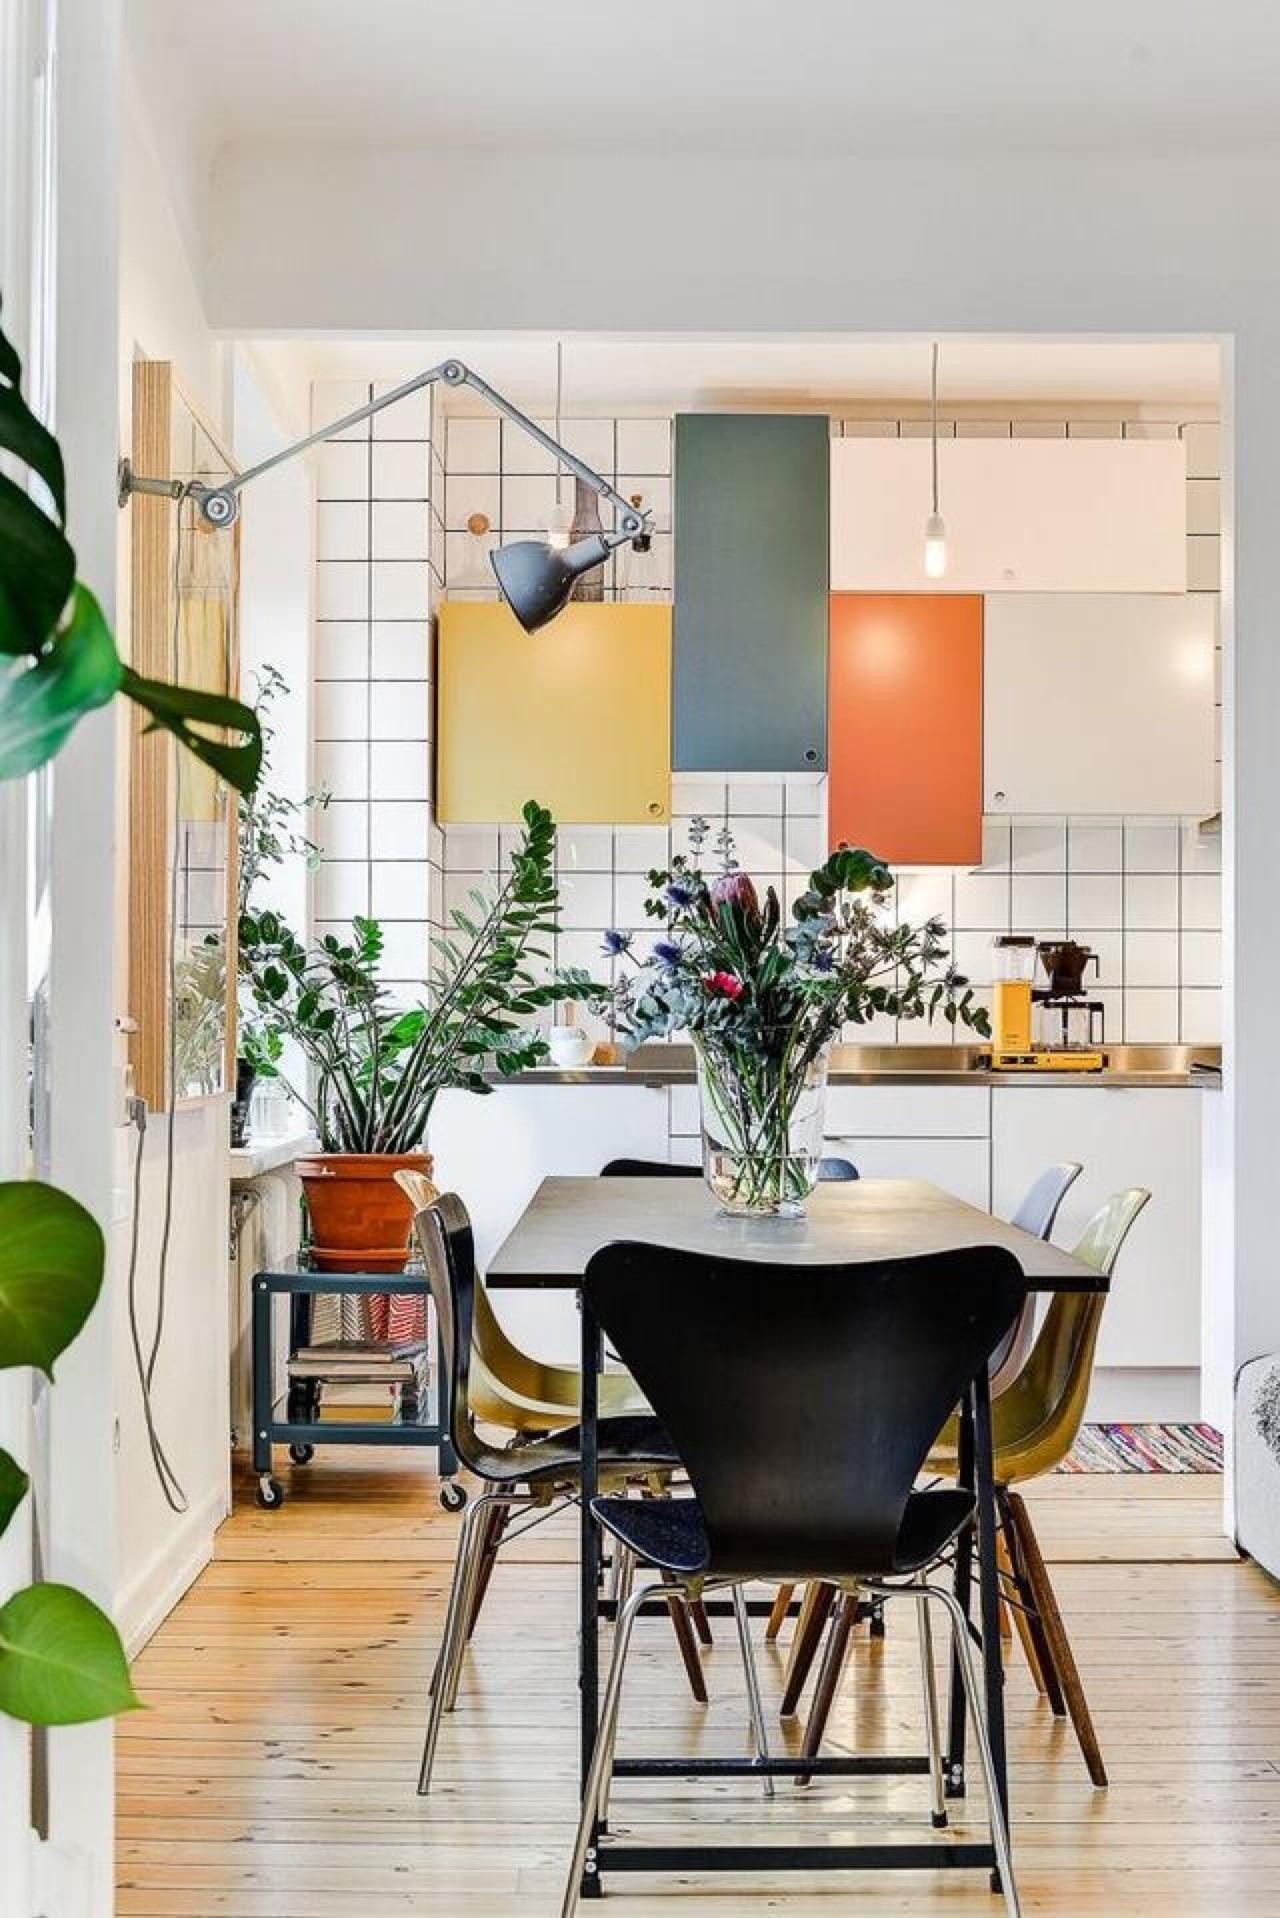 Décor do dia: cozinha com armários coloridos e mesa de jantar